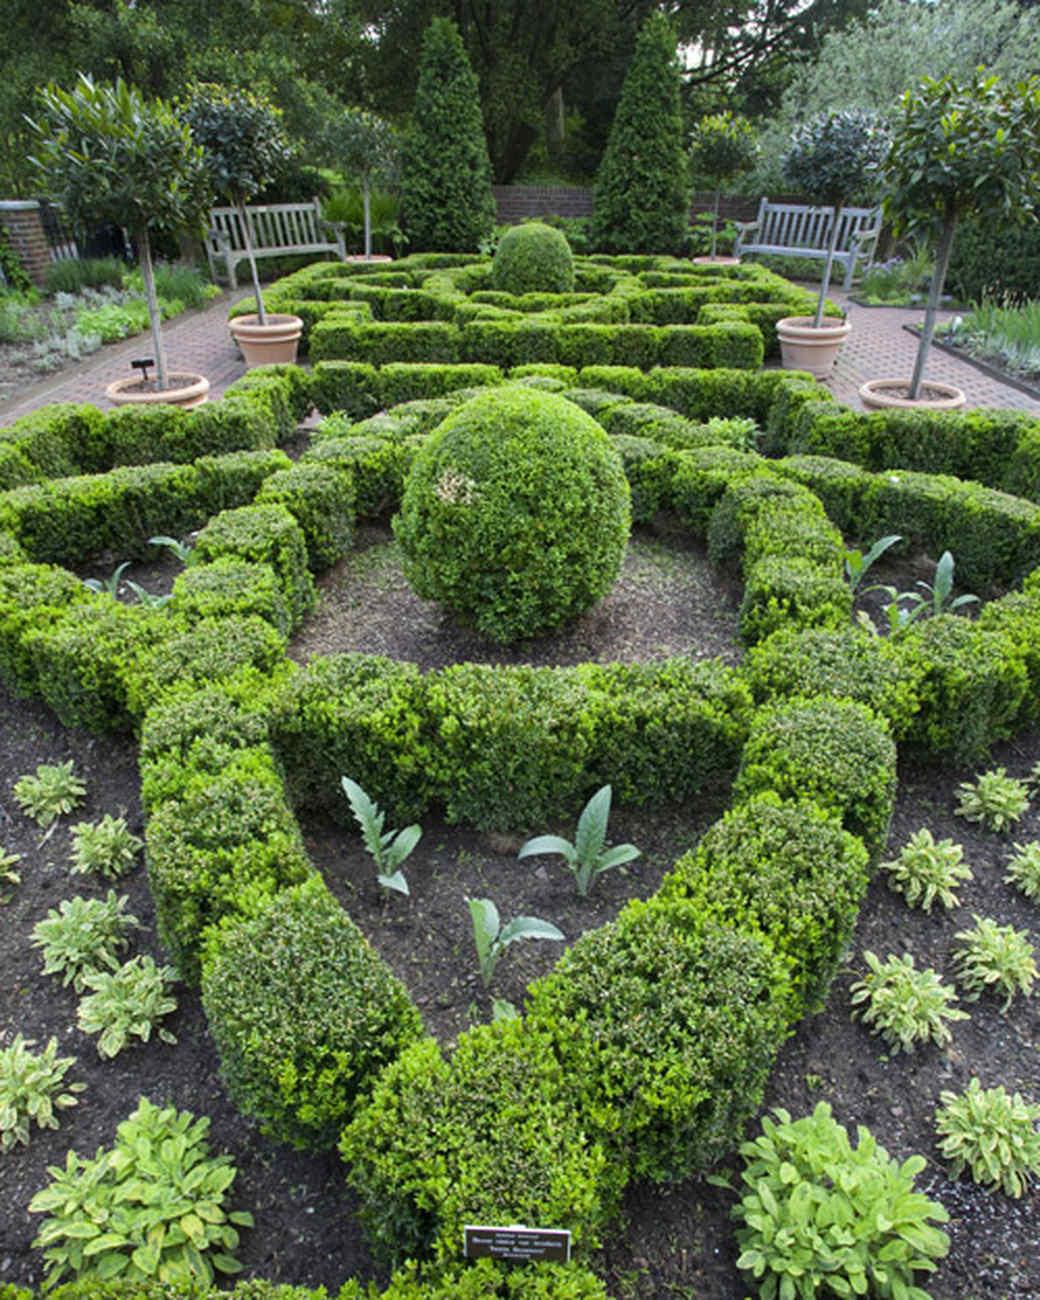 ms_edible_garden_mg_0376.jpg